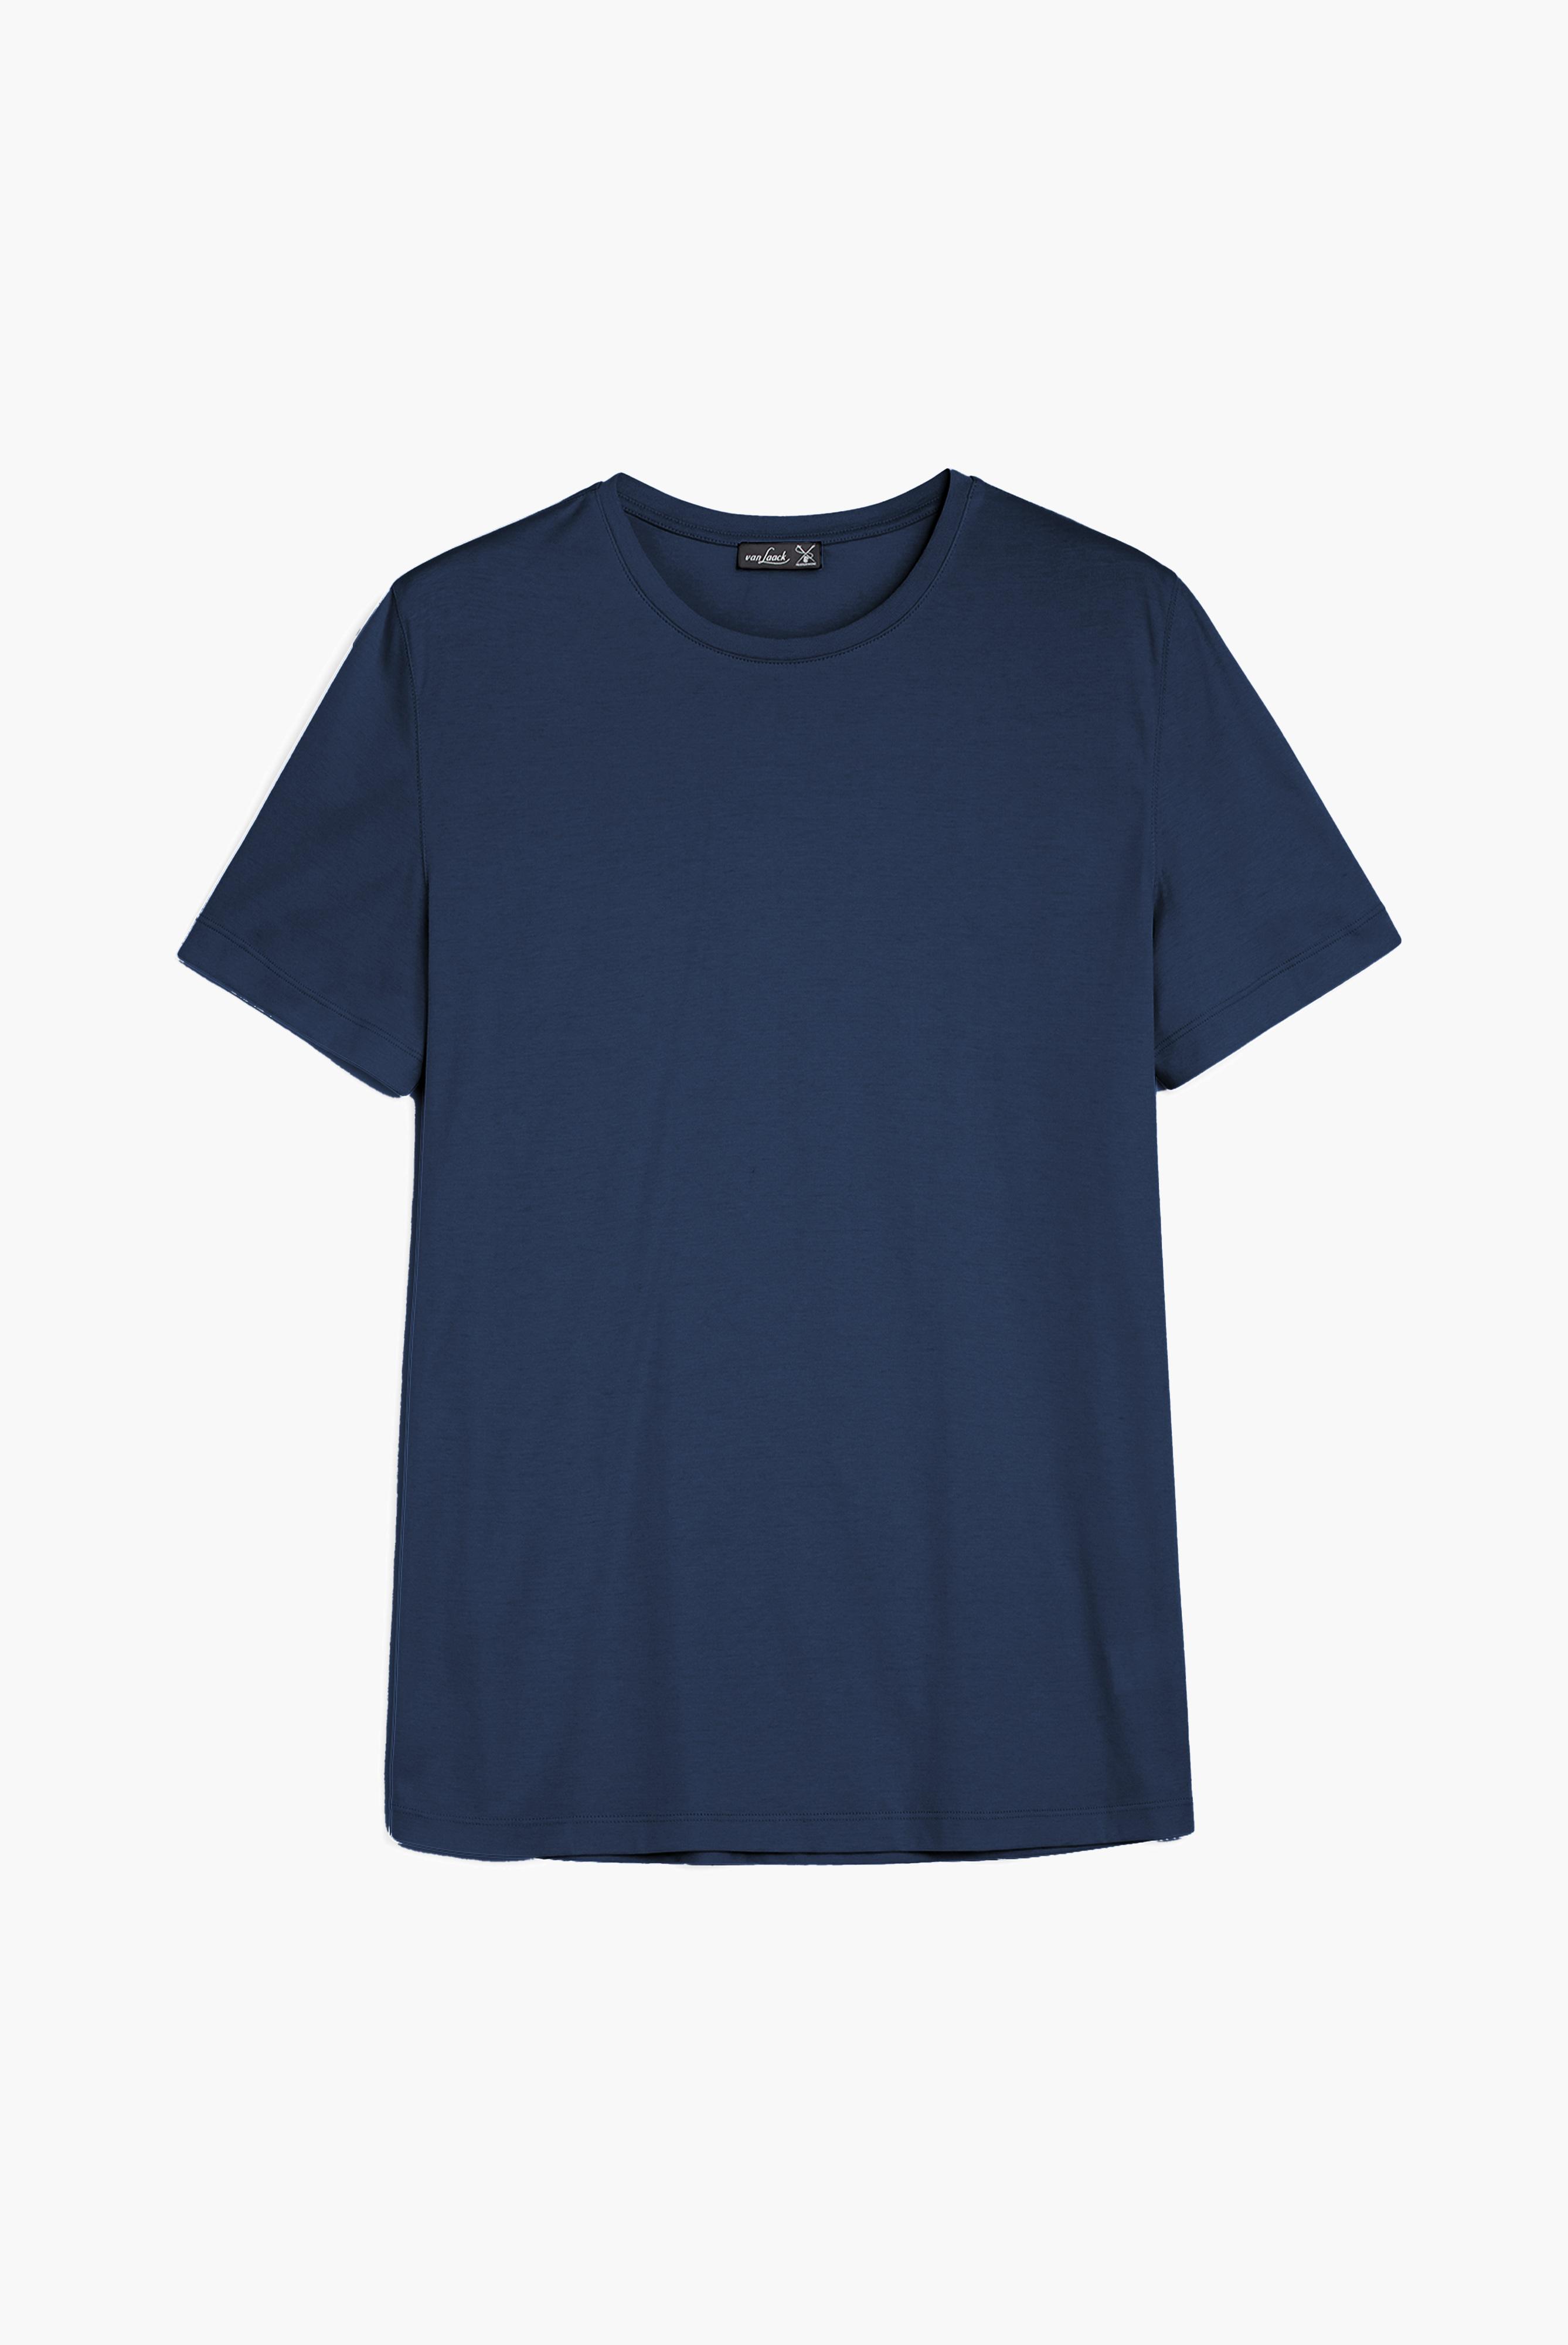 Neuheiten+Luxuriöses Jersey T-Shirt blau+20.1717.UX.180031.770.S